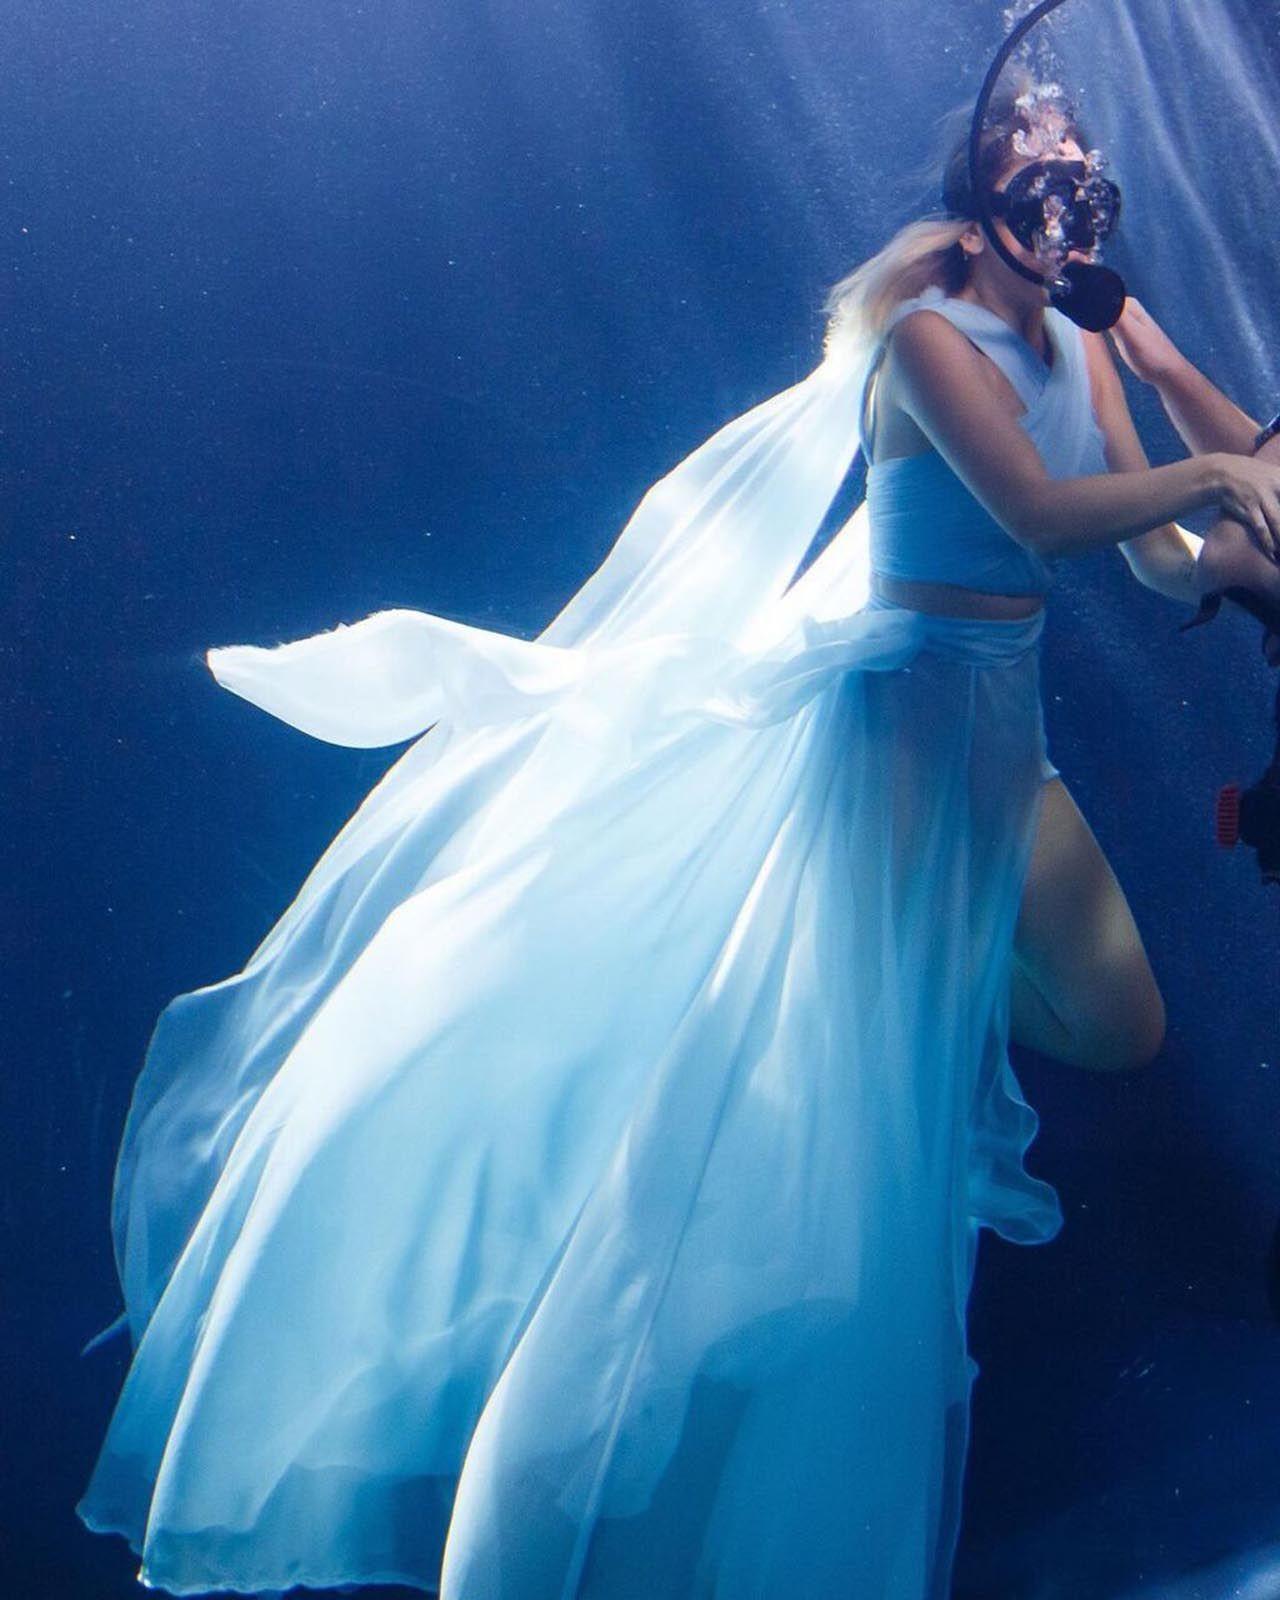 Hadise'den su altında klip - Resim: 4